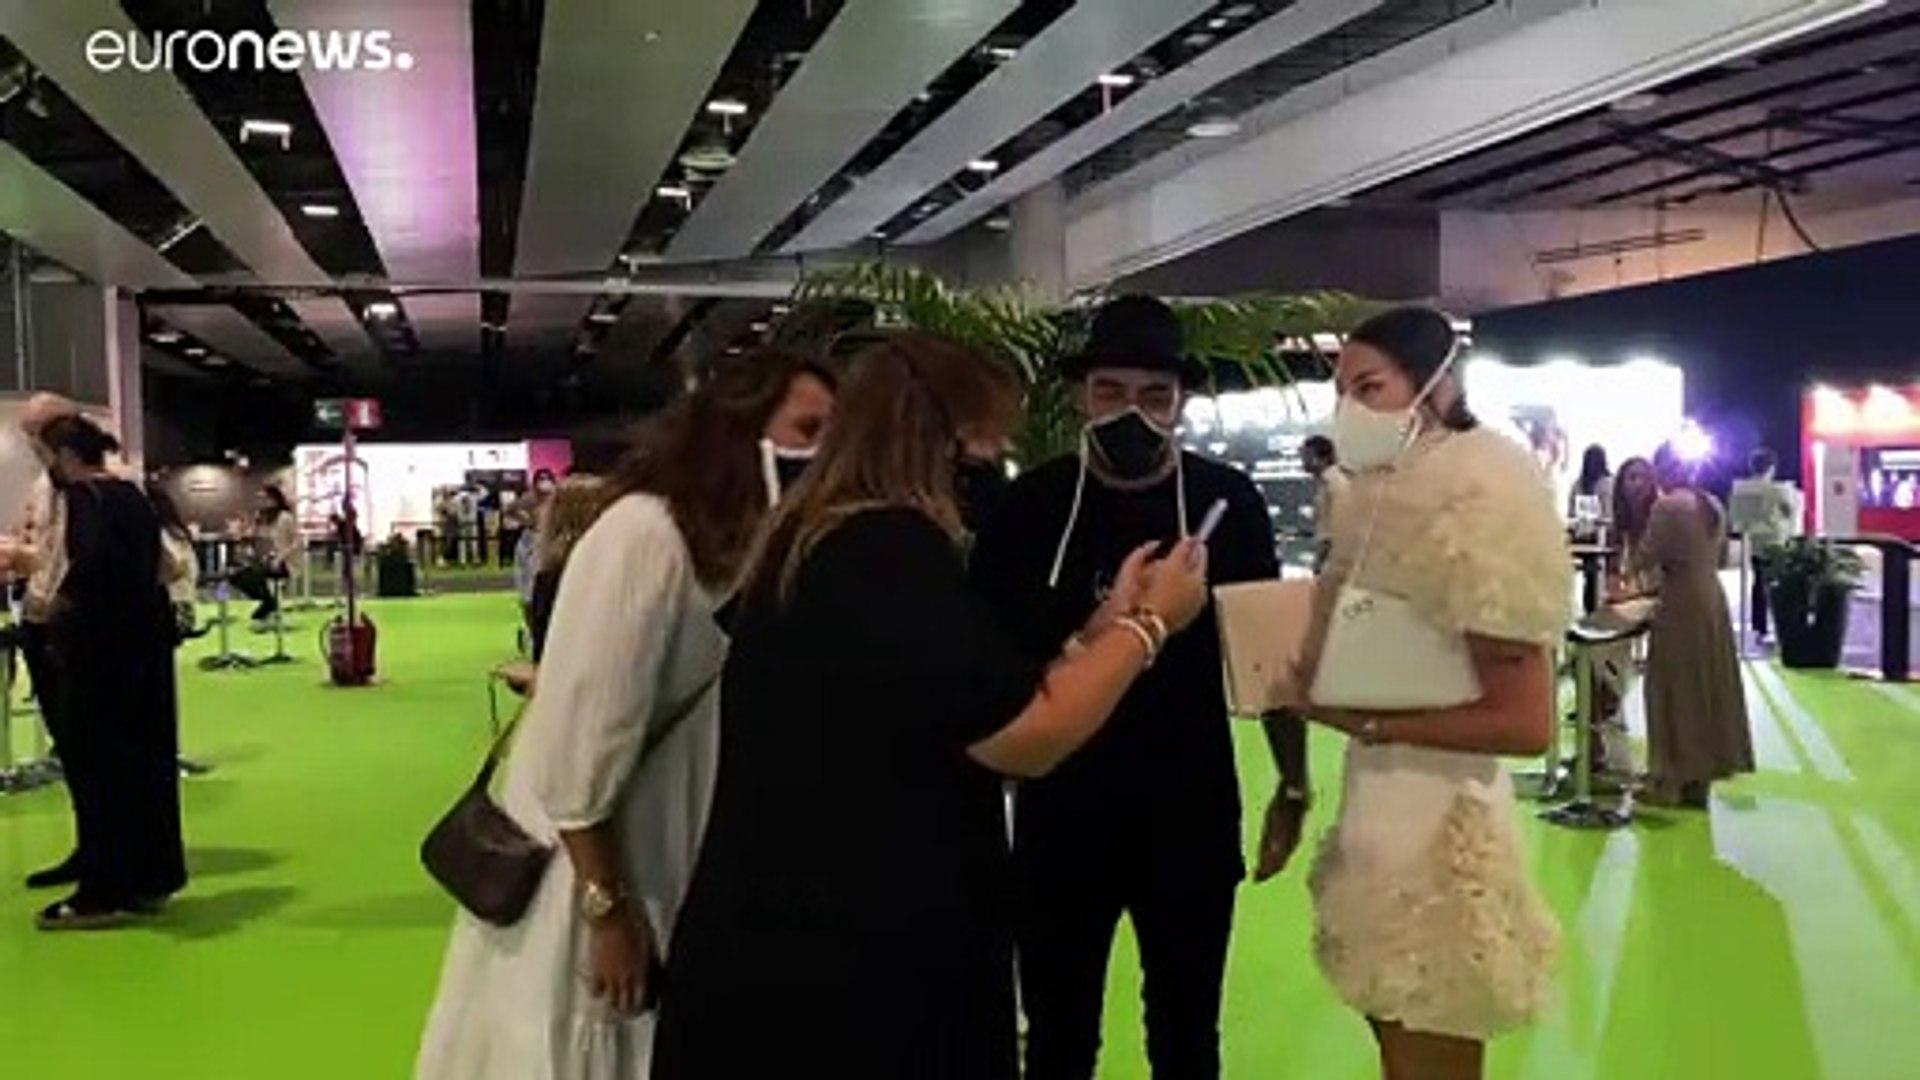 شاهد: كوفيد-19 يفتح فرصة جديدة للإستثمار في مجال الموضة وابتكار كمامات تتناسق مع الأزياء العصرية